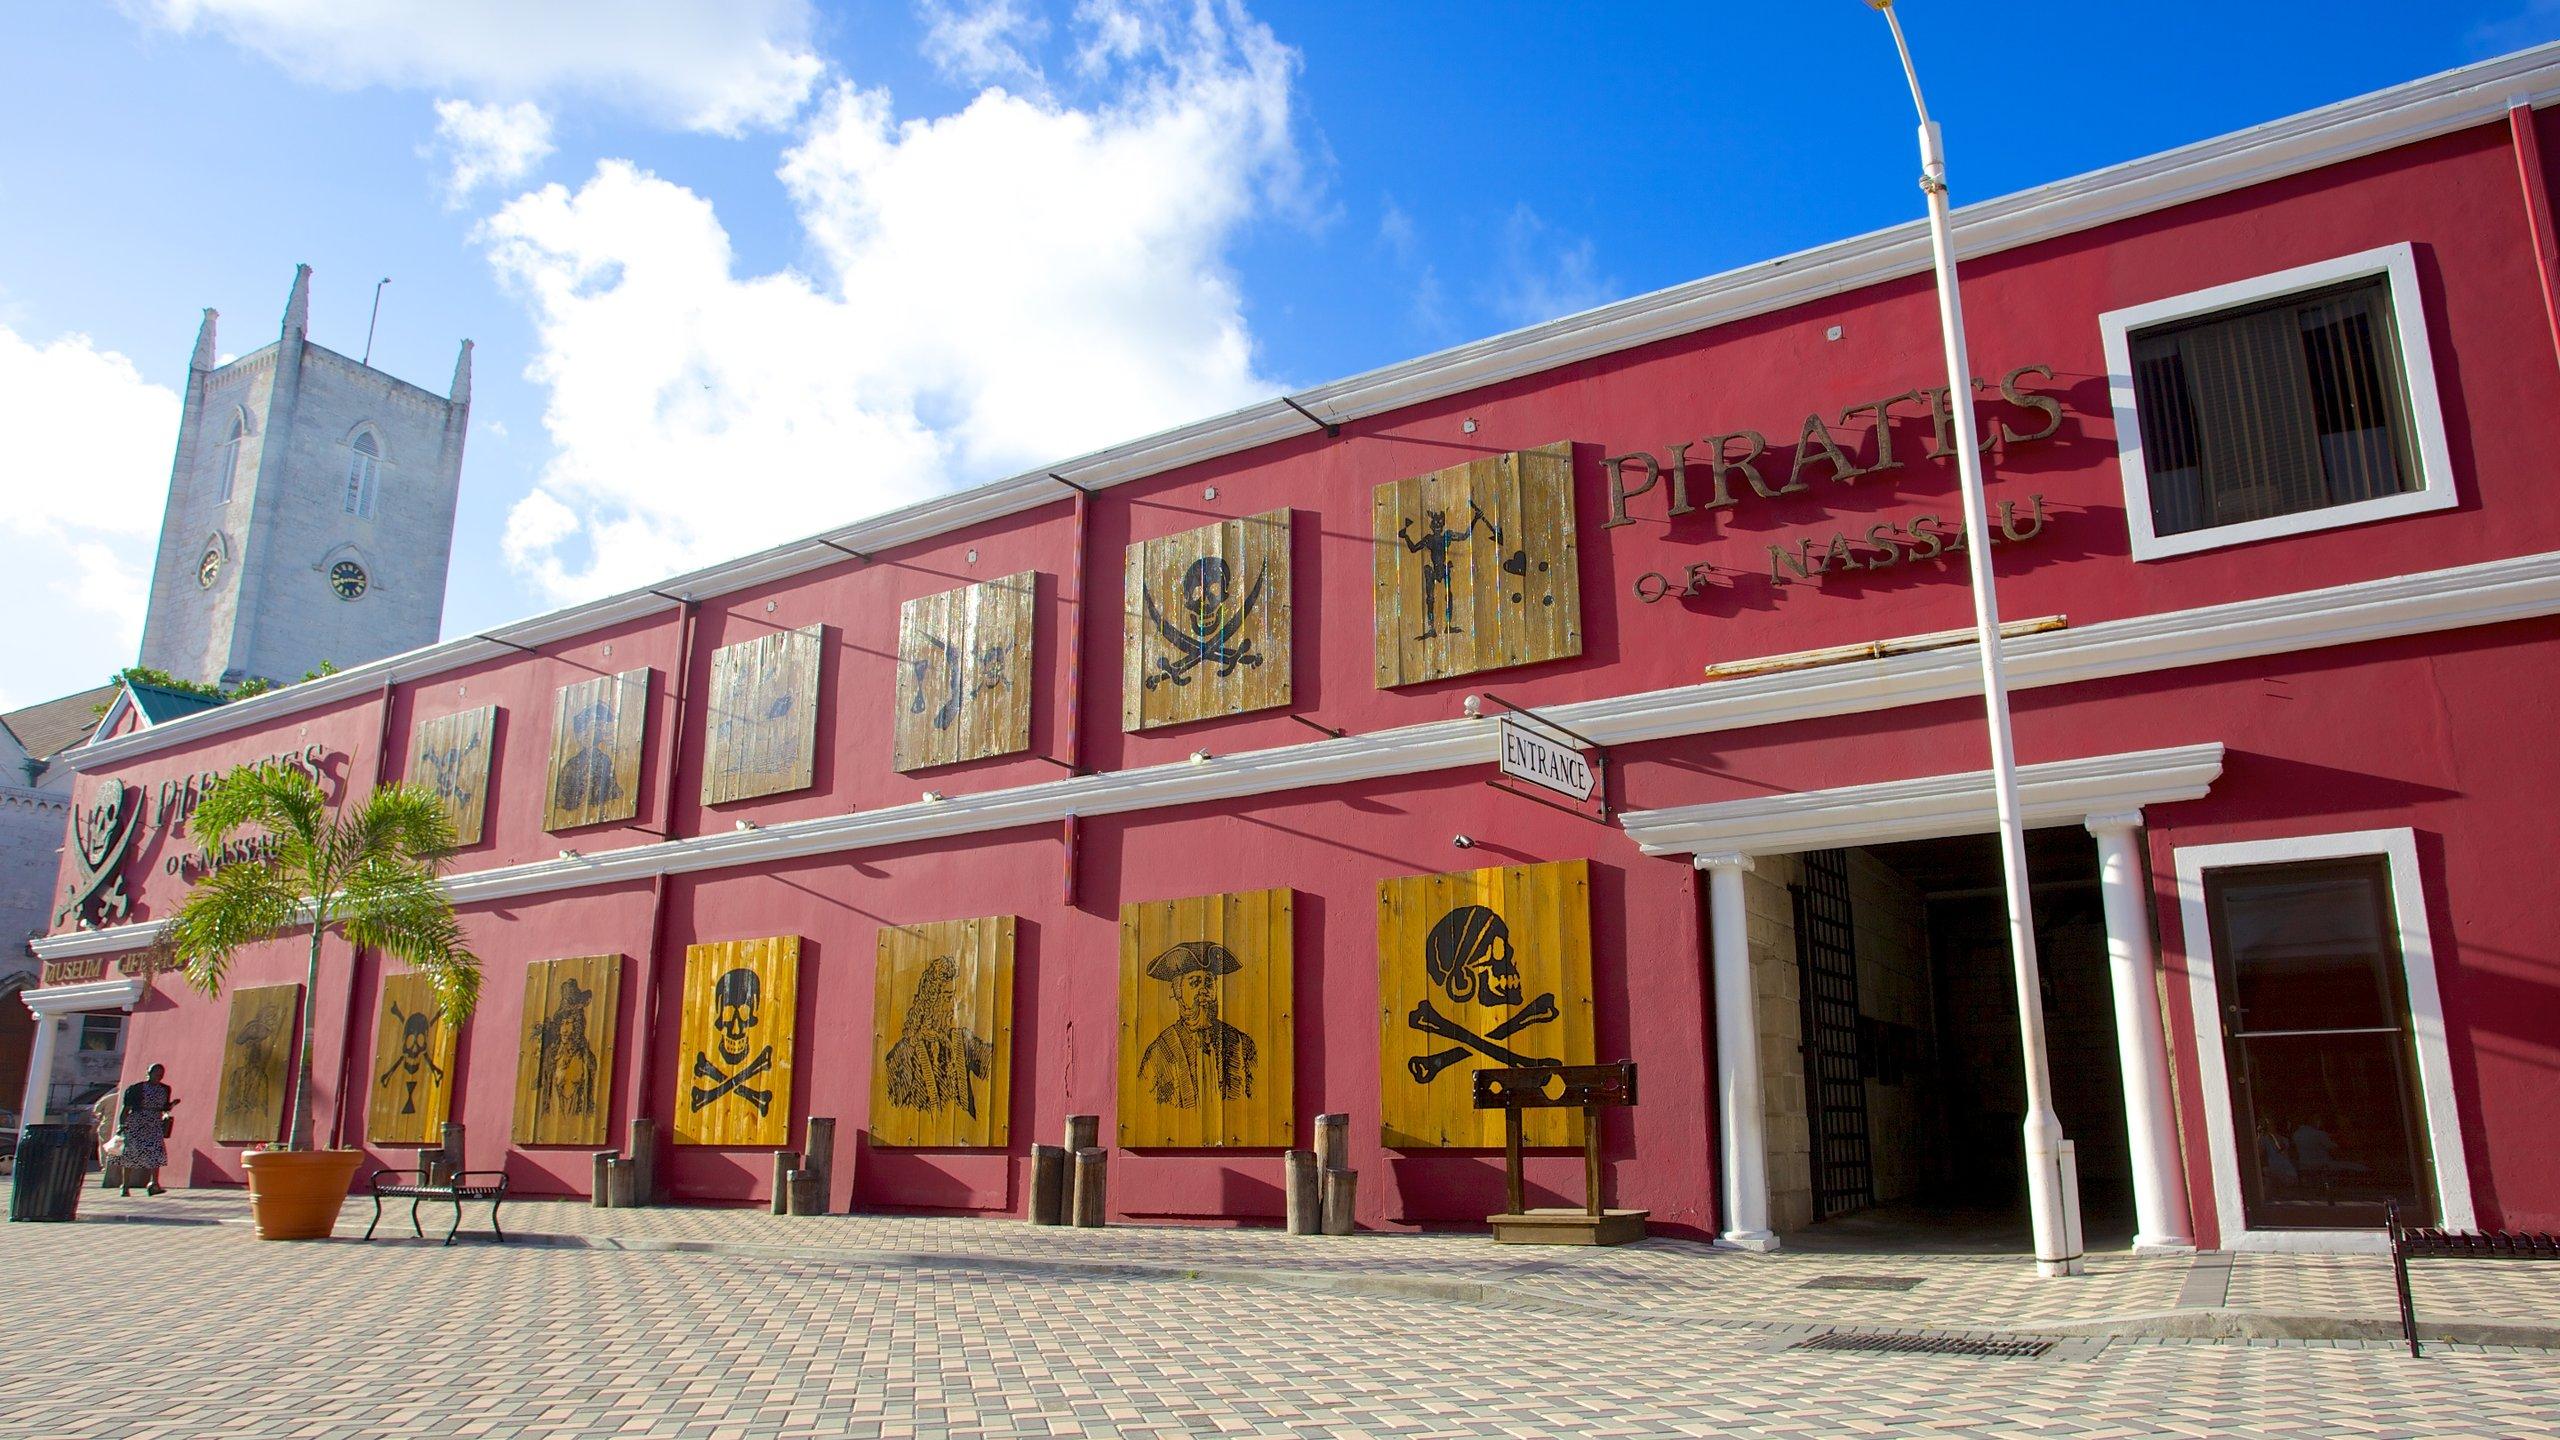 Tauchen Sie im interaktiven Piratenmuseum in die abenteuerliche Welt der blutdrünstigen Piraten ein, die im 17. Jahrhundert in Nassau Unterschlupf fanden.